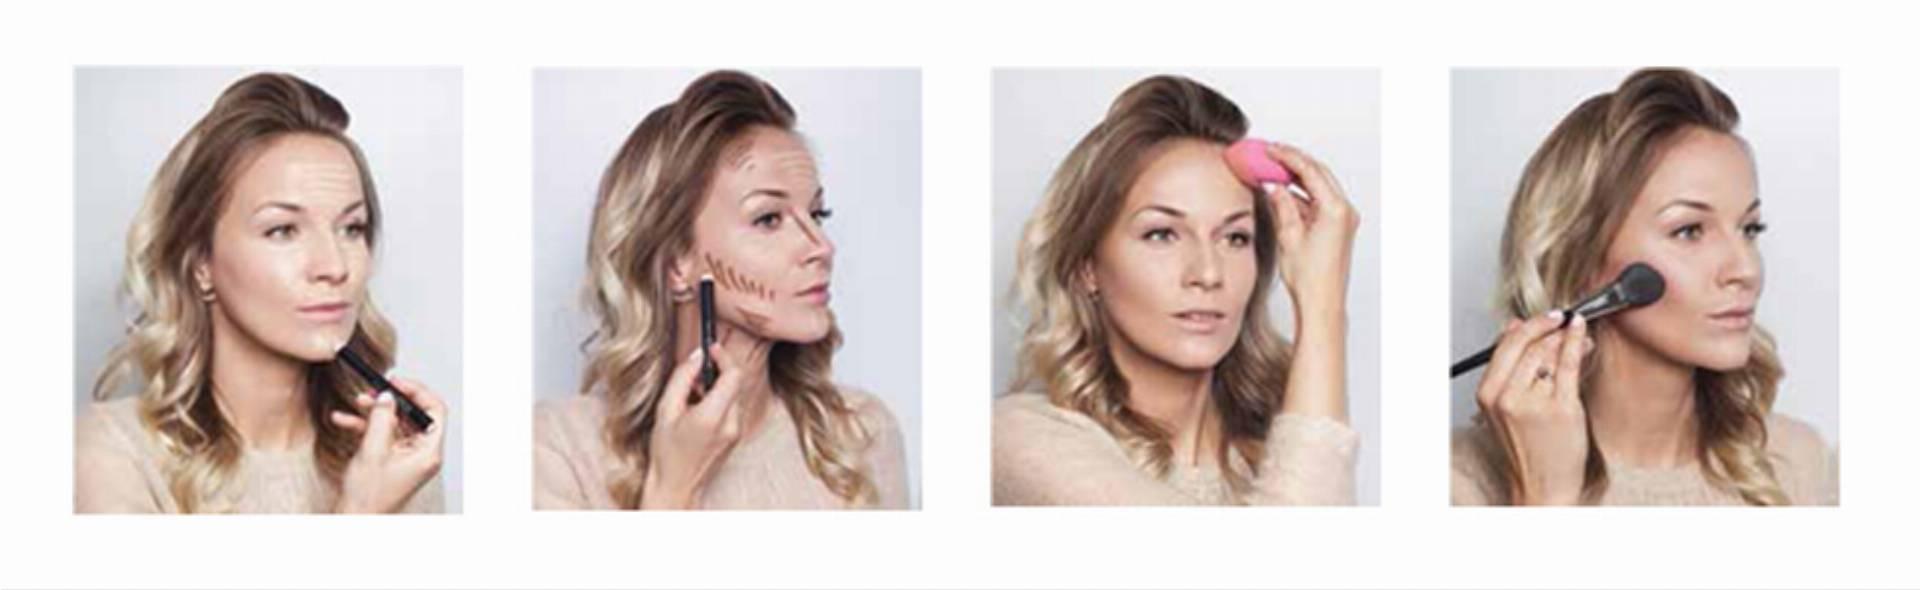 jak wykonać konturowanie twarzy